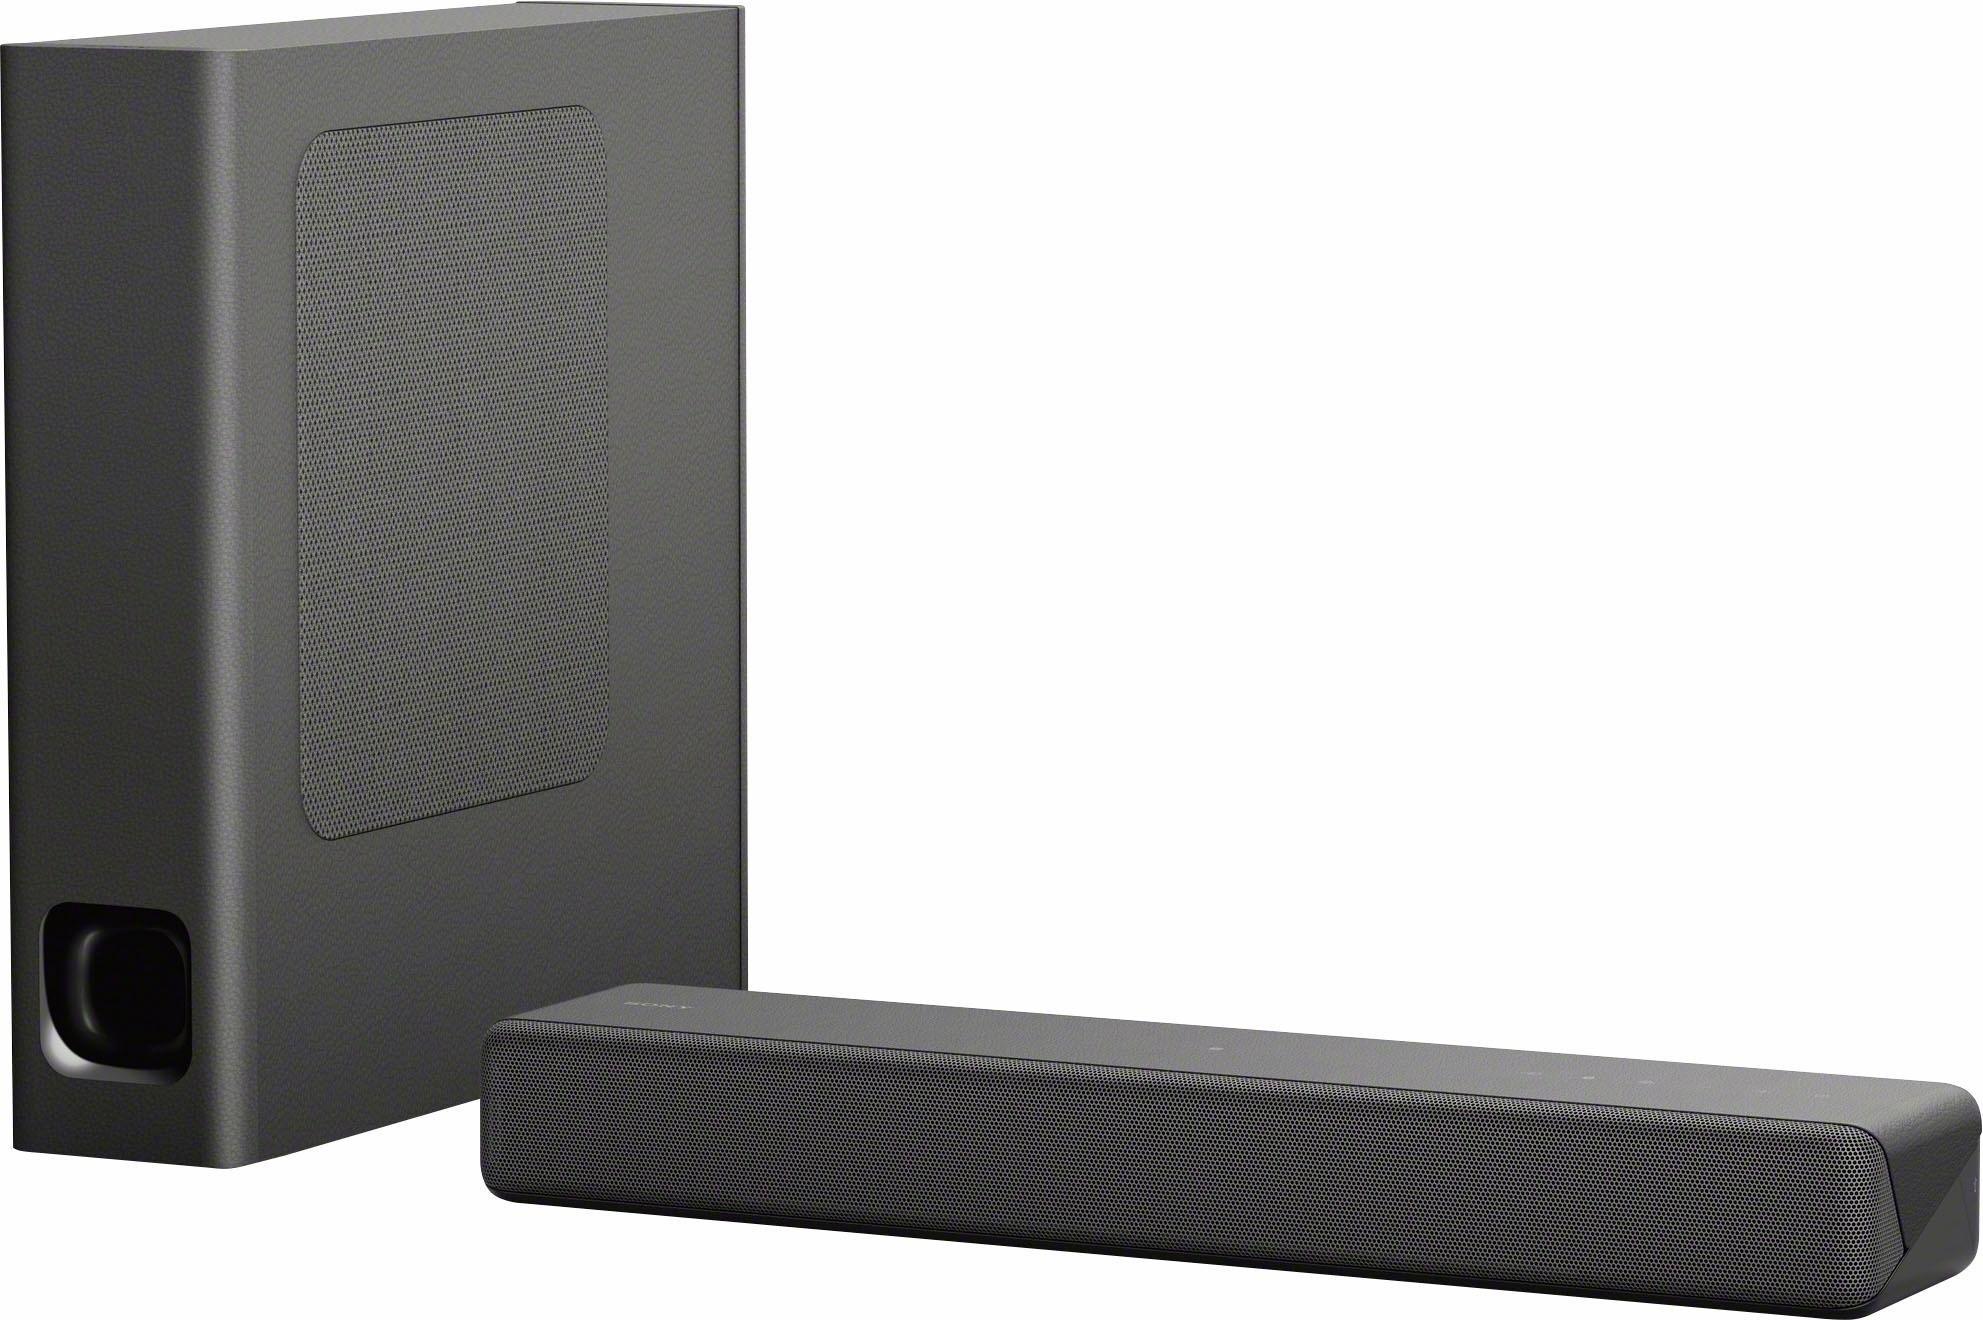 SONY HT-MT 500 soundbar wifi/Bluetooth goedkoop op otto.nl kopen